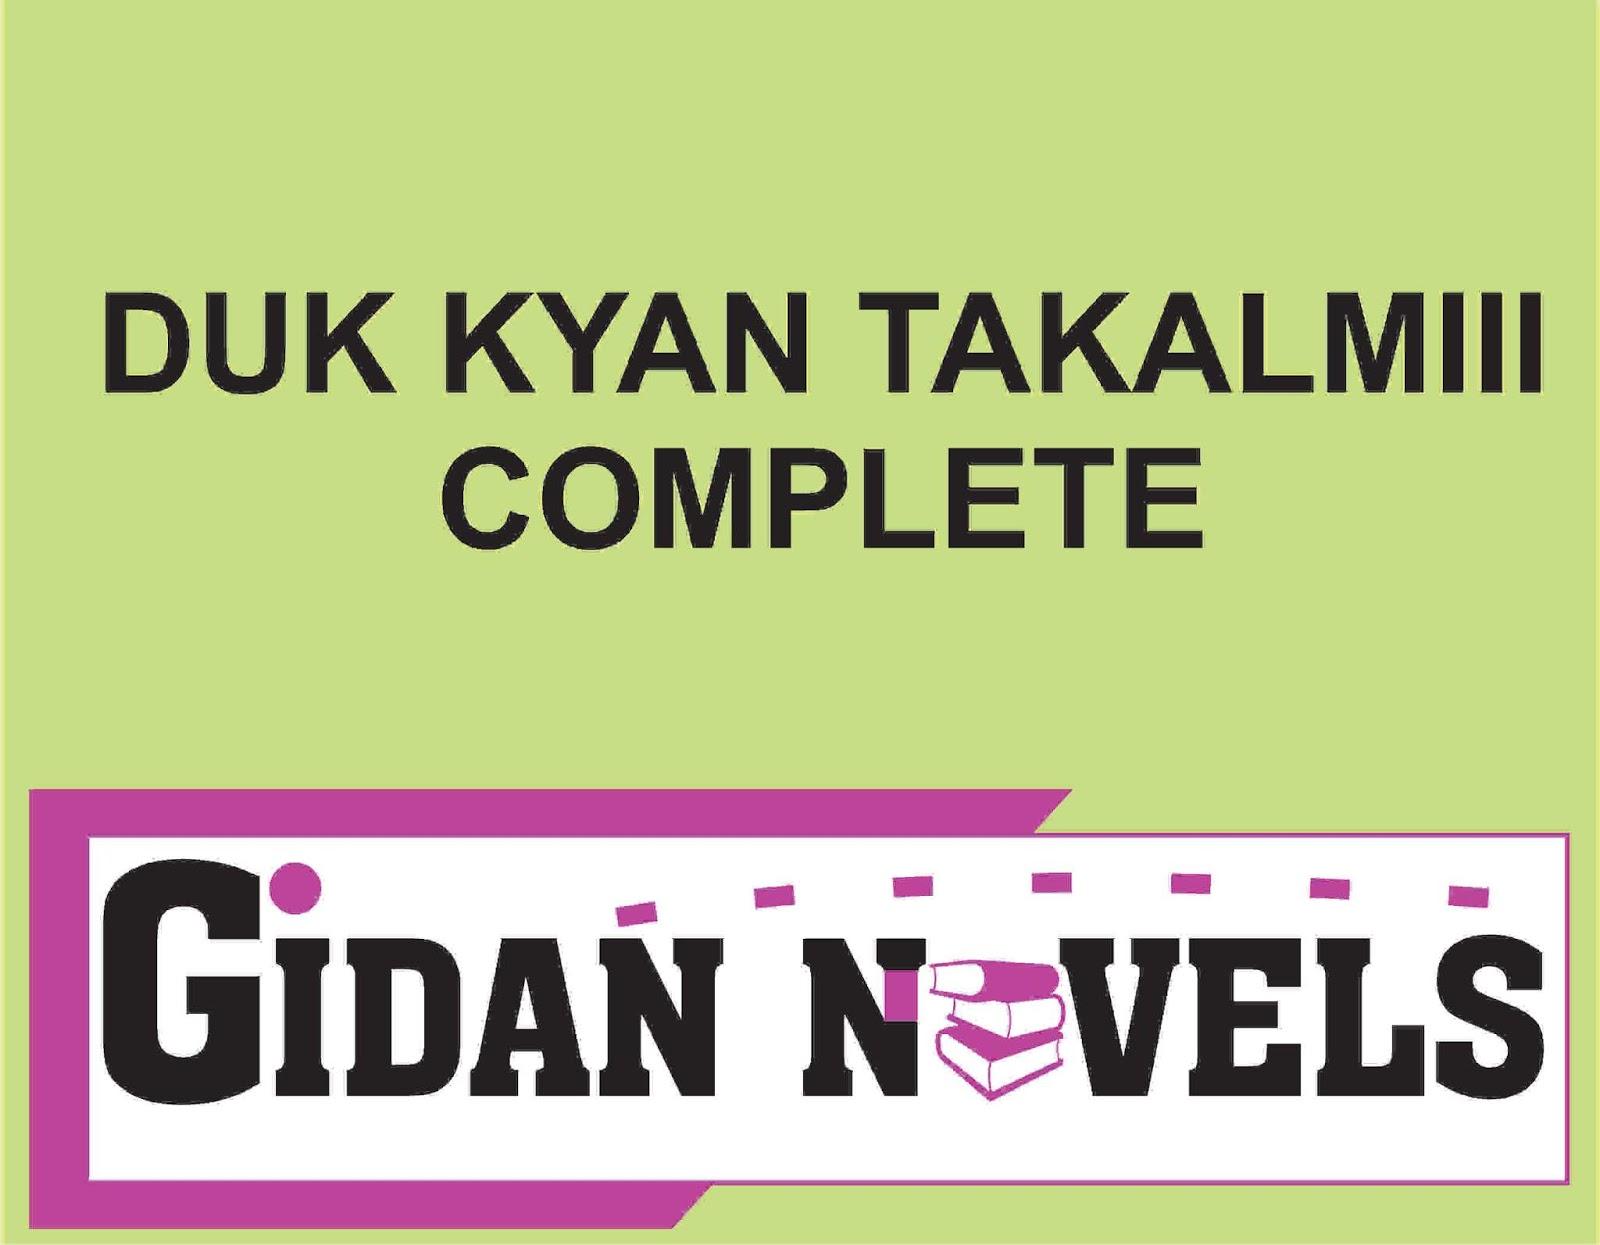 DUK KYAN TAKALMIII COMPLETE HAUSA NOVEL - Gidan Novels | Hausa Novels